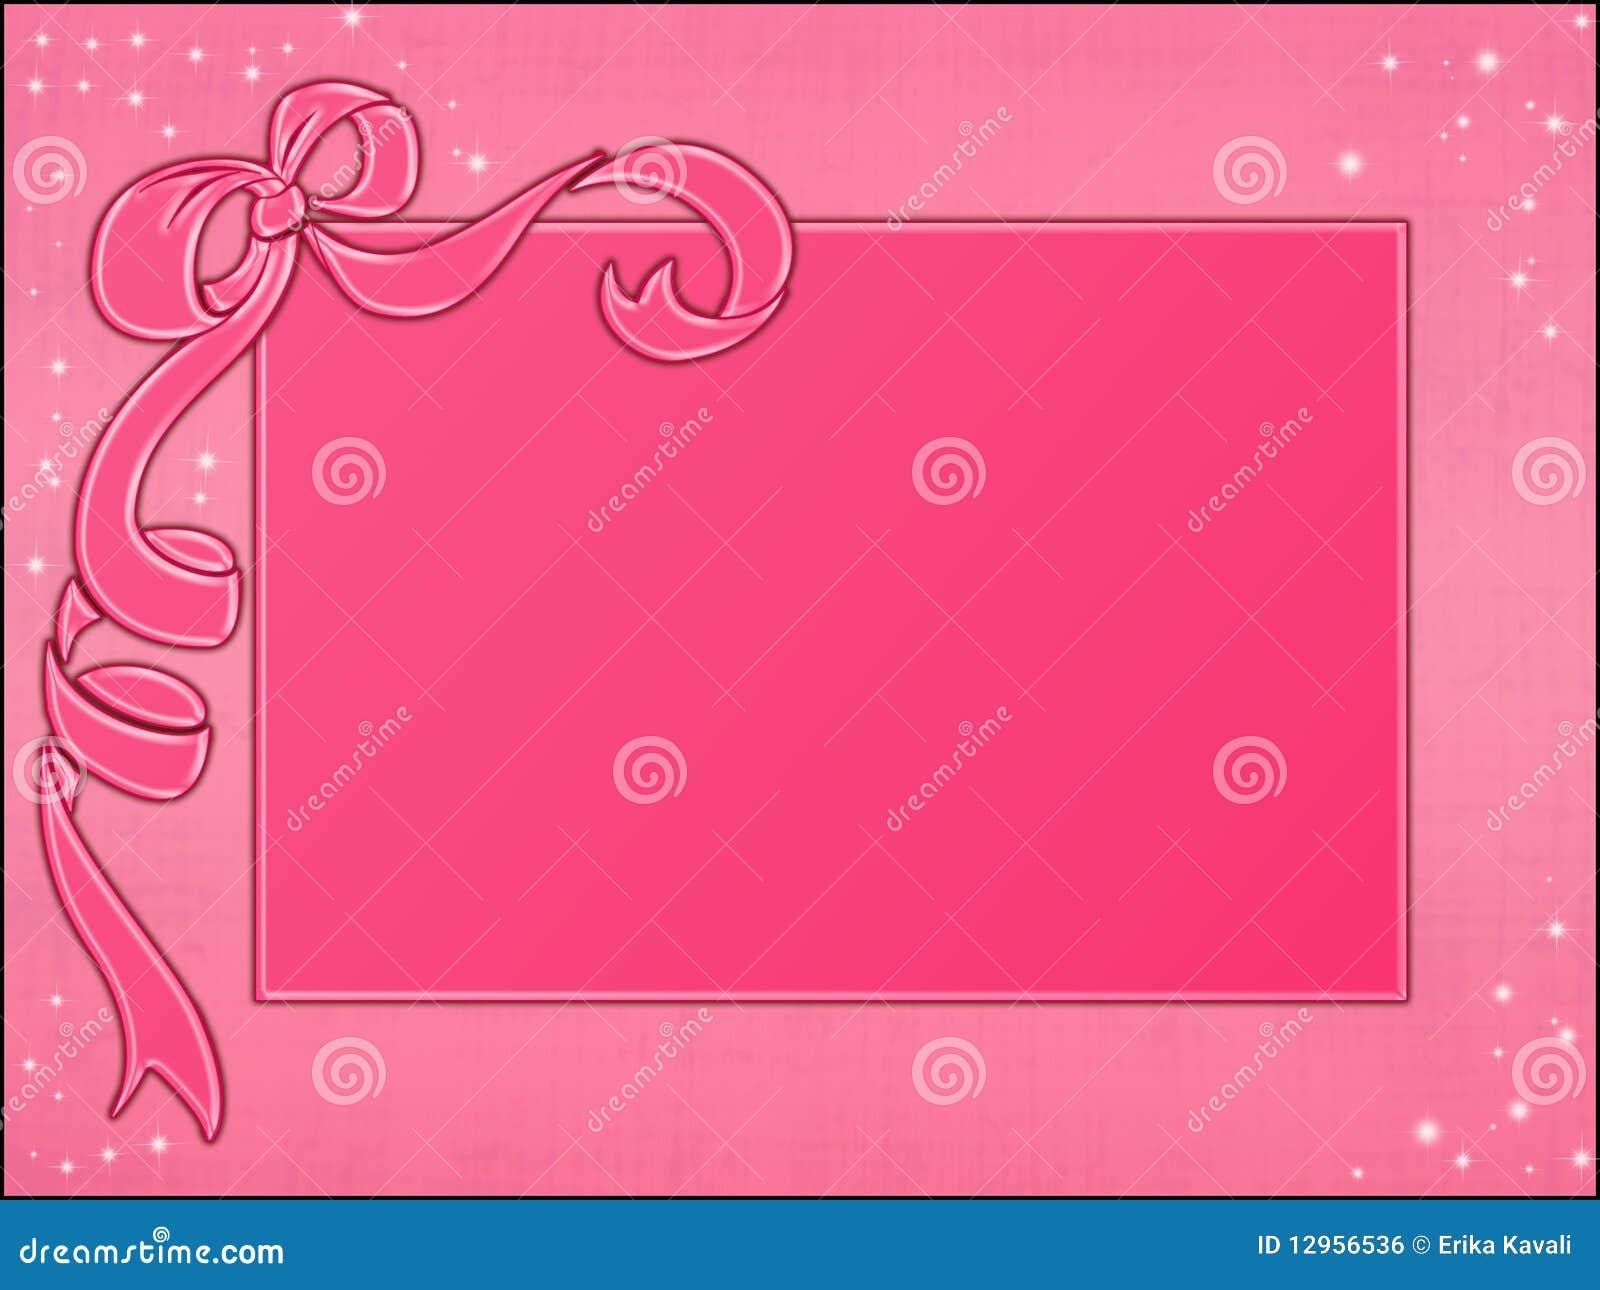 Rosa gestaltet Schablone stock abbildung. Illustration von bogen ...